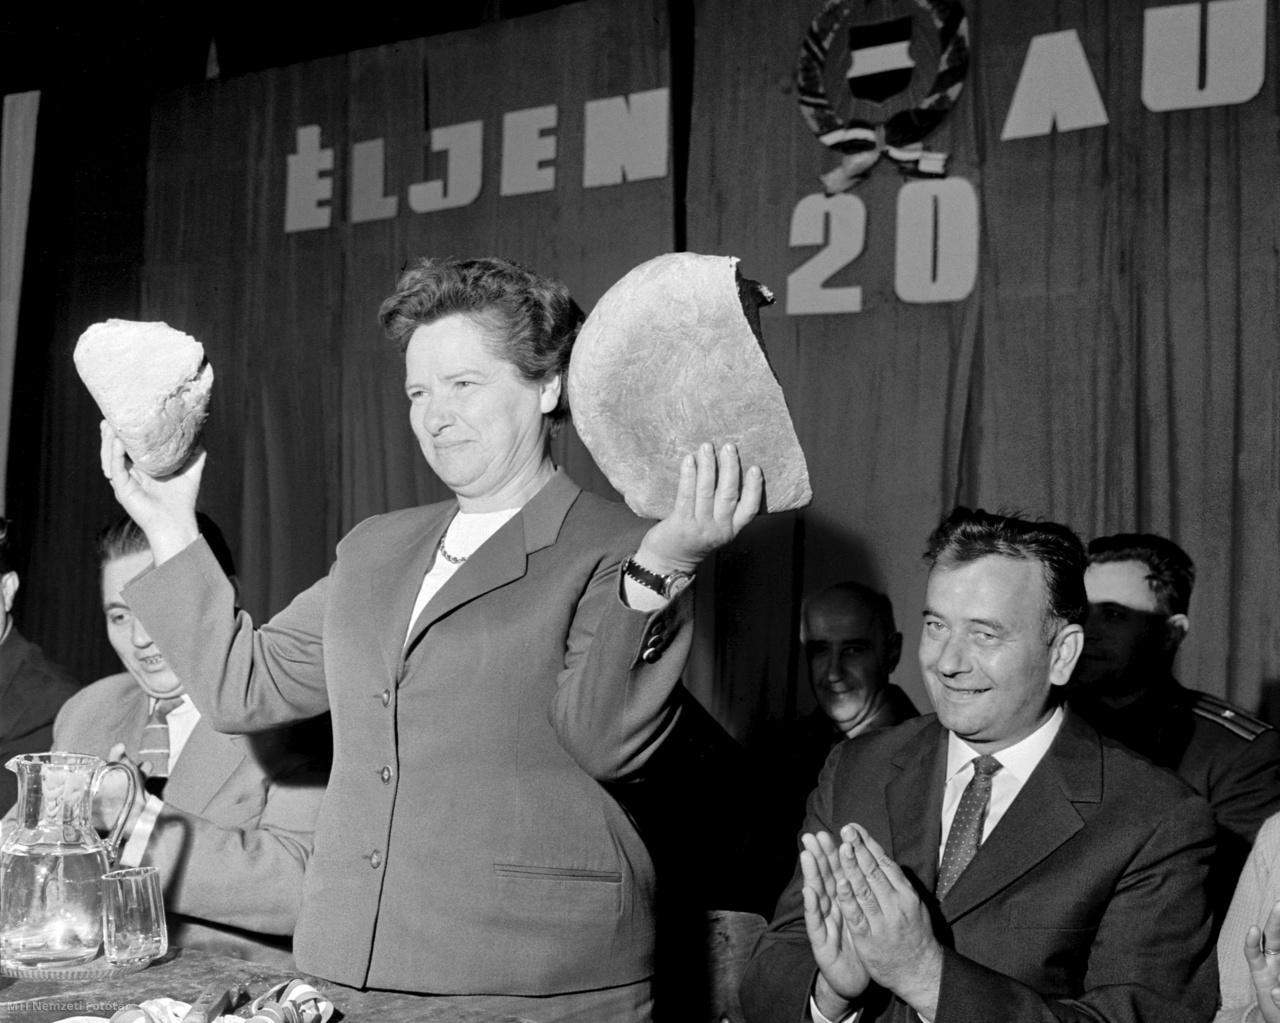 1964. augusztus 20. Juhász Lajosné, a Főváros XV. kerületi Tanács Végrehajtó Bizottság elnökhelyettese felmutatja a megszegett, a Béke Termelőszövetkezet tagjai által adományozott idei első kenyeret az új kenyér ünnepén, az Alkotmány 15. évfordulóján a Czabán Samu téren rendezett ünnepségen